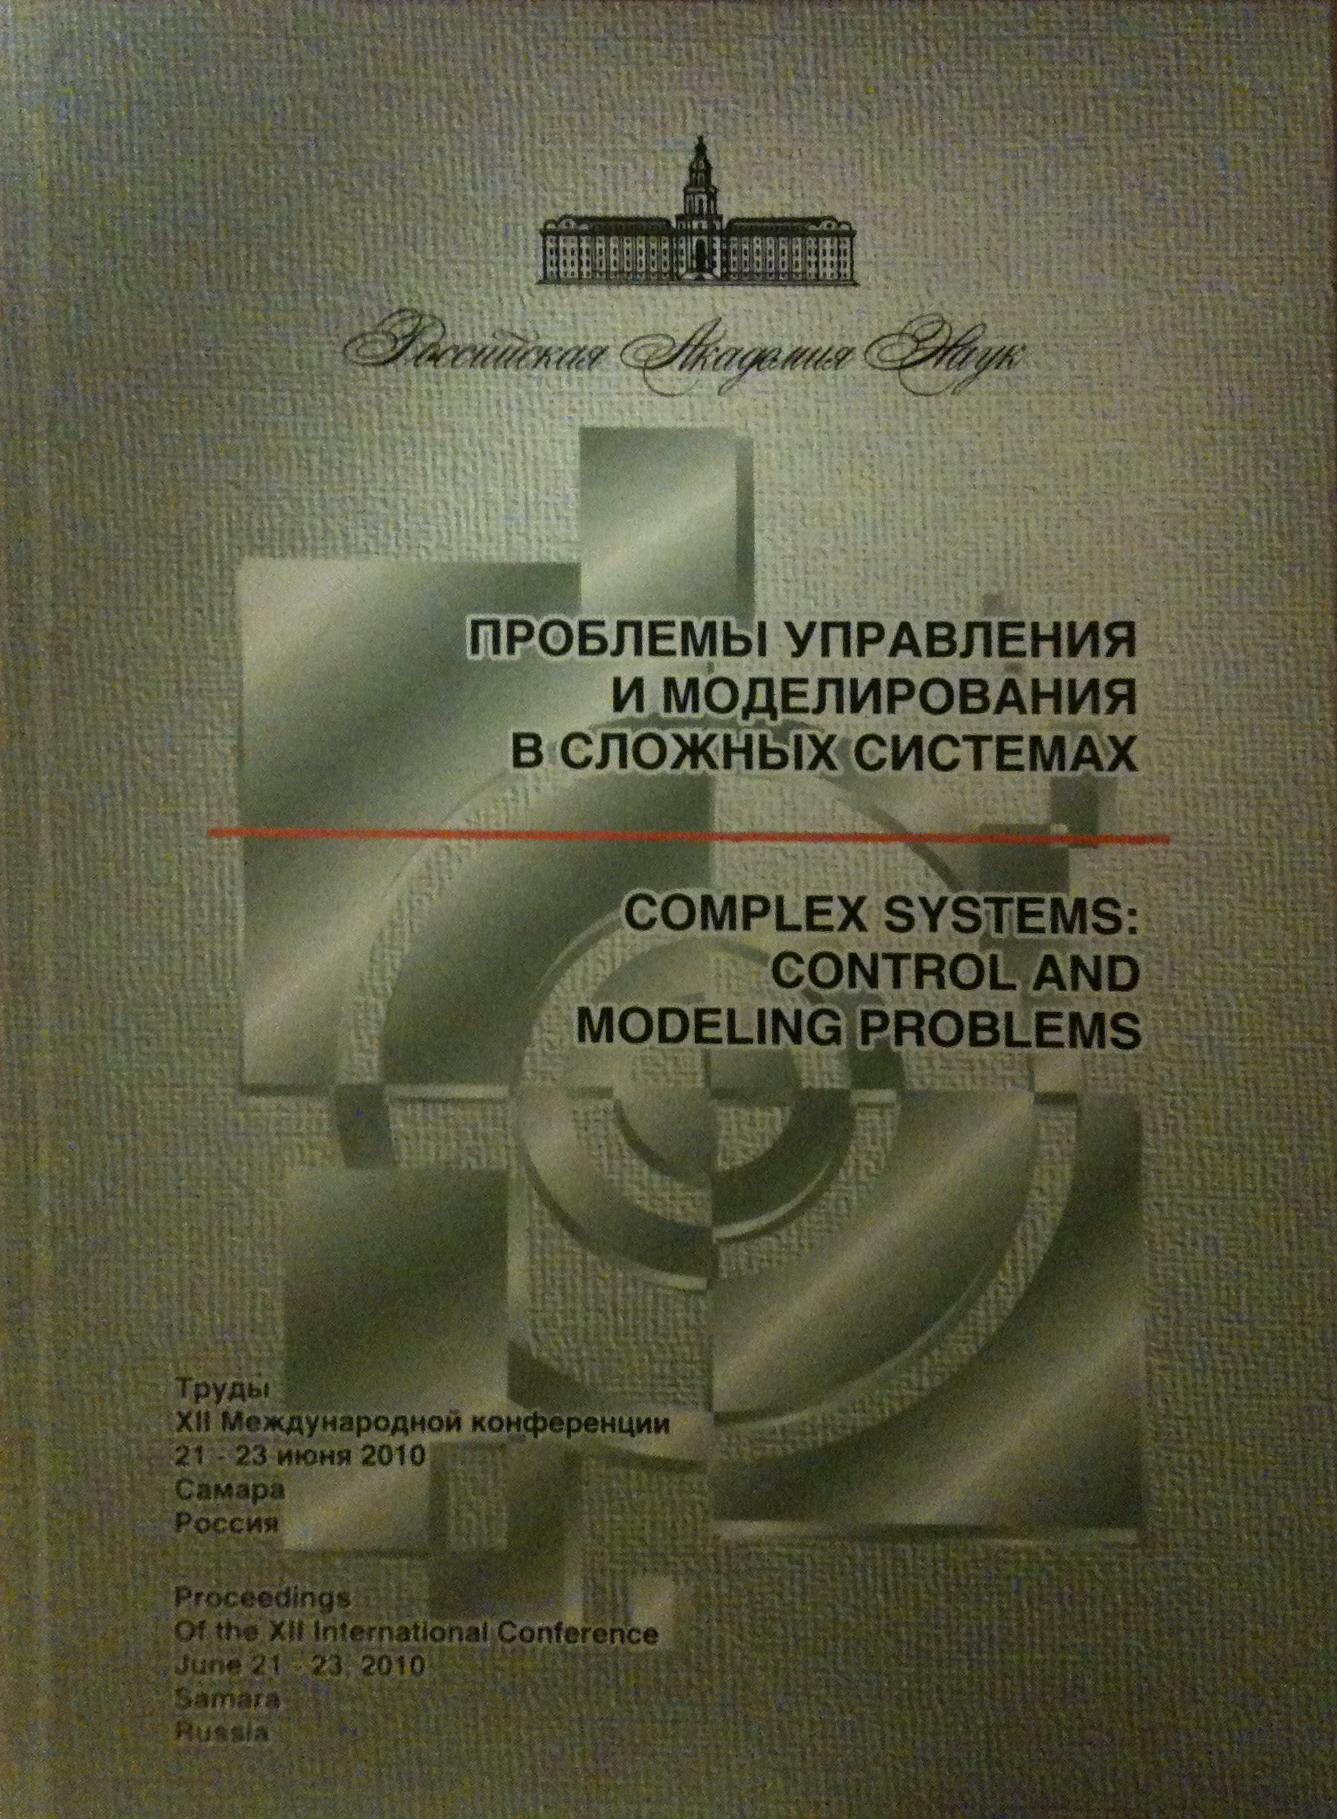 Проблемы управления и моделирования в сложных системах. Труды XII Международной конференции (21-23 июня 2010, Самара, Россия)